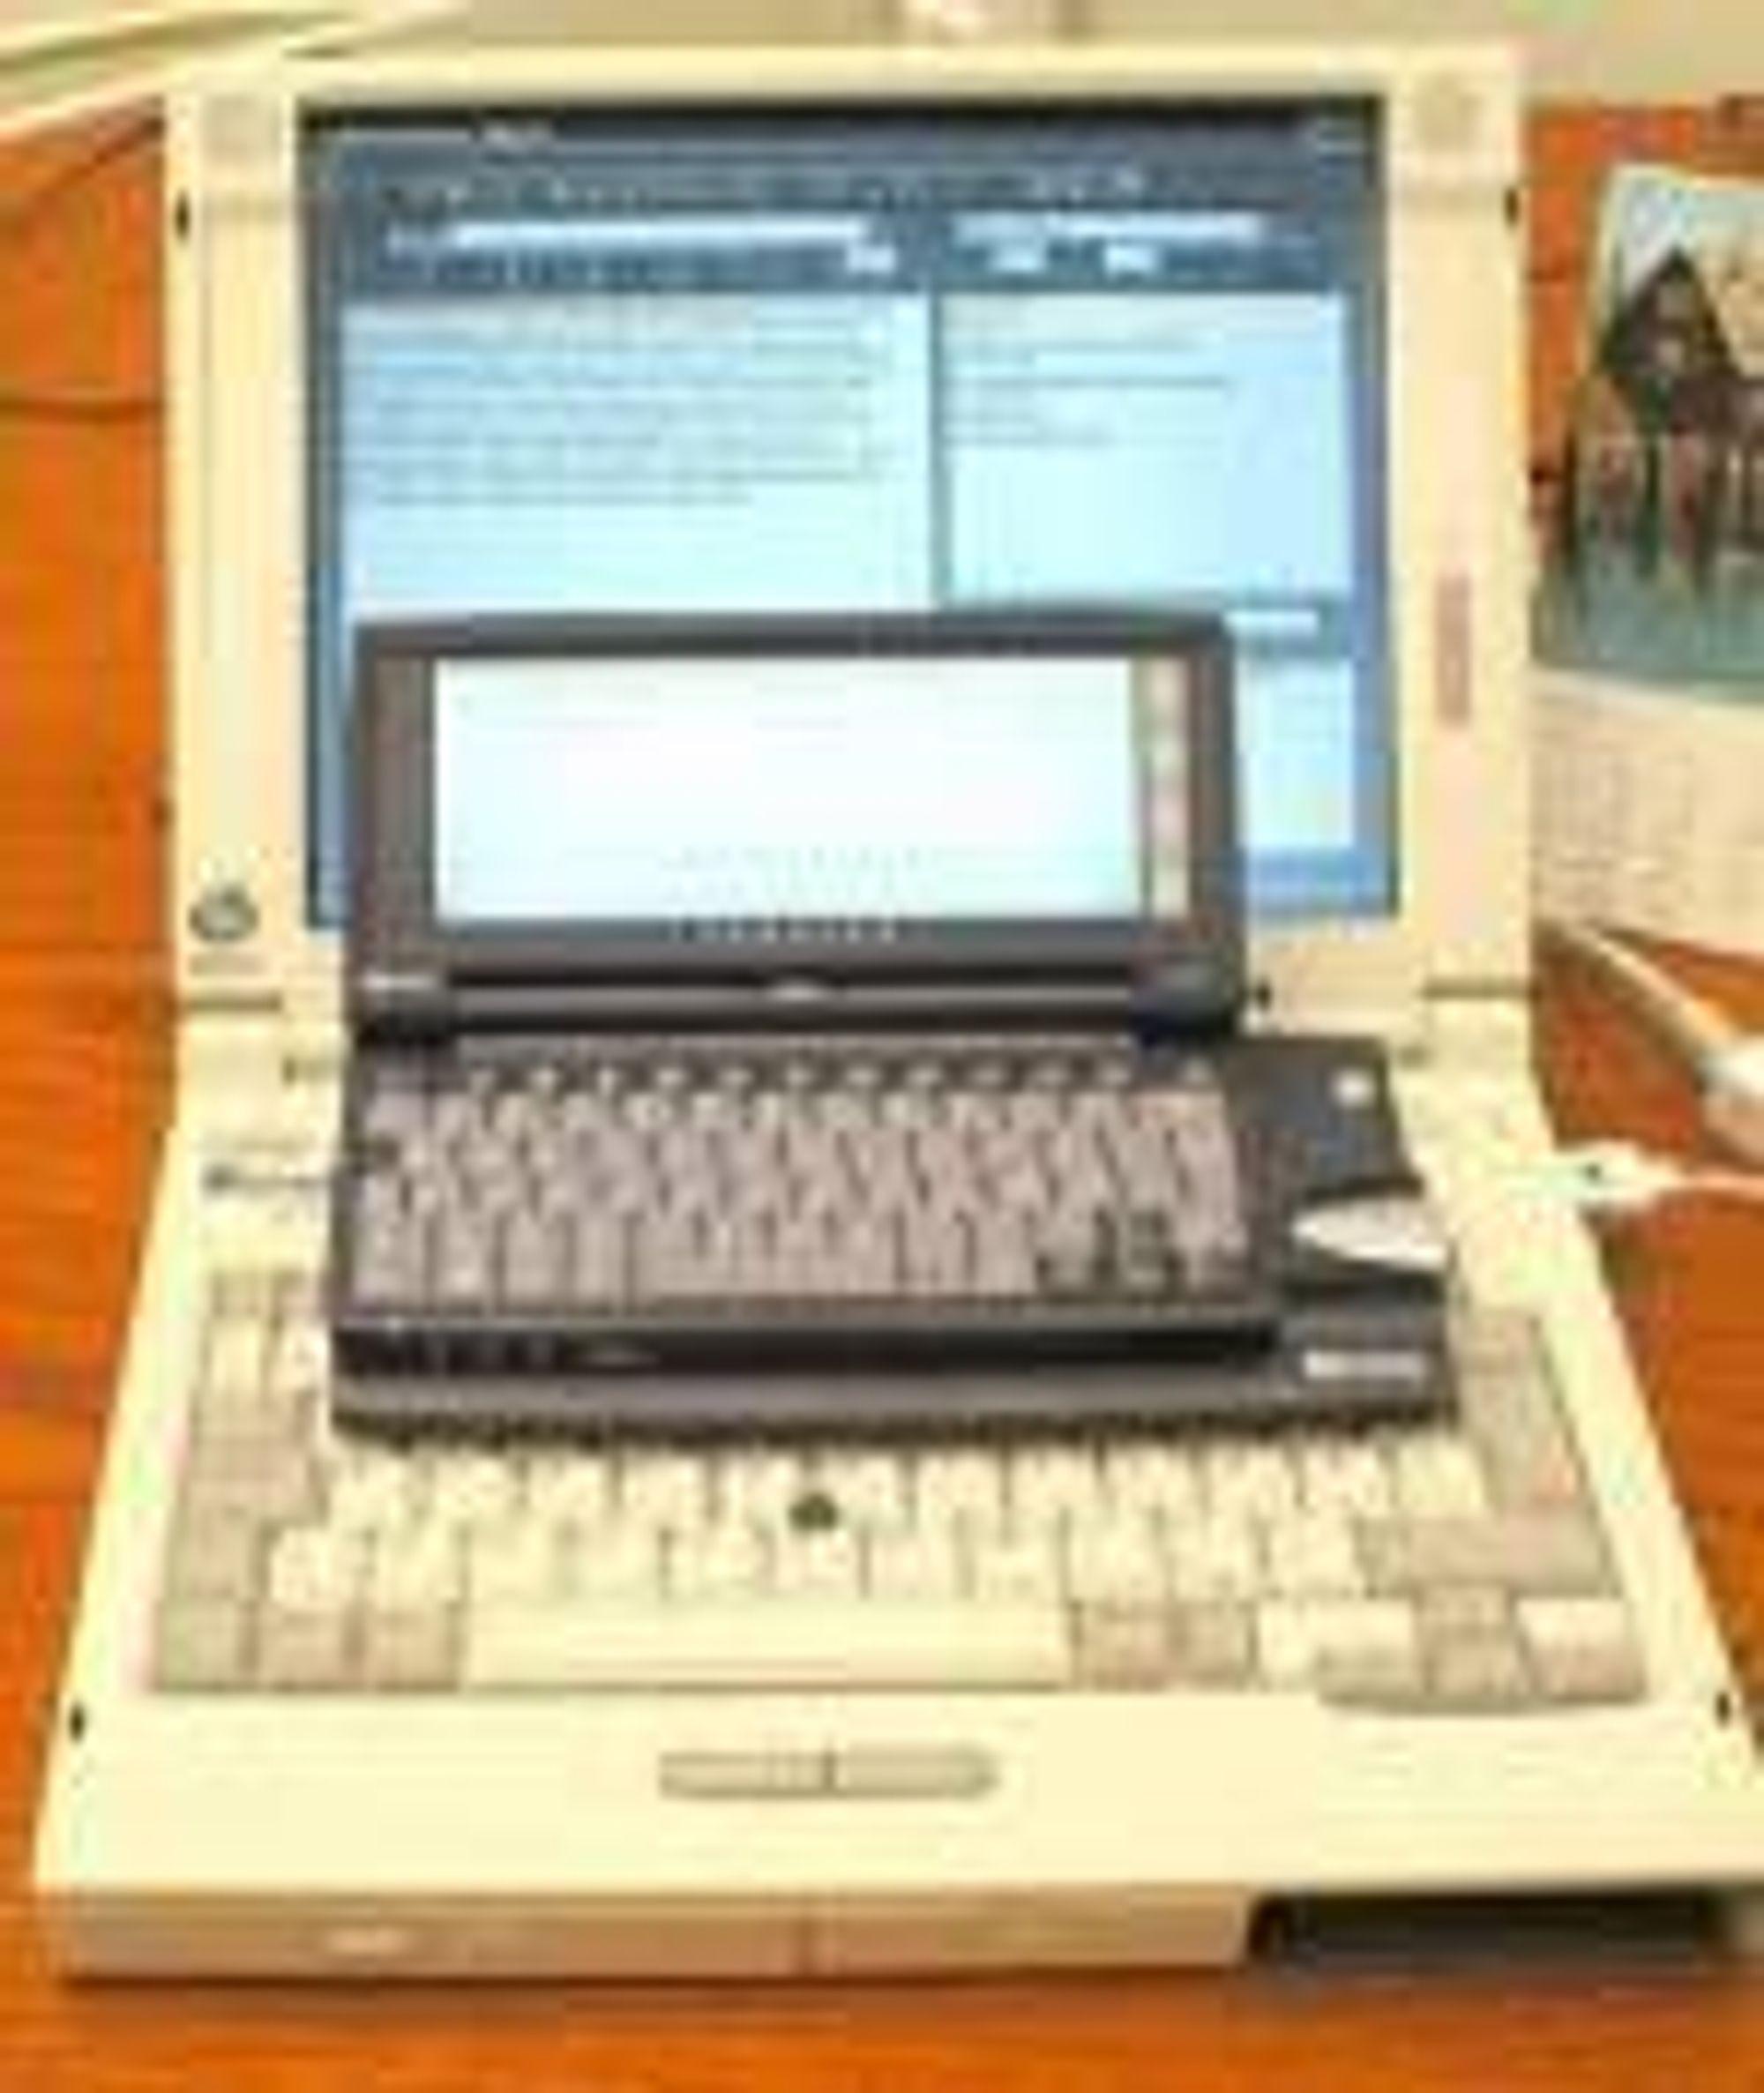 HP Jornada 680 oppå en Compaq-PC